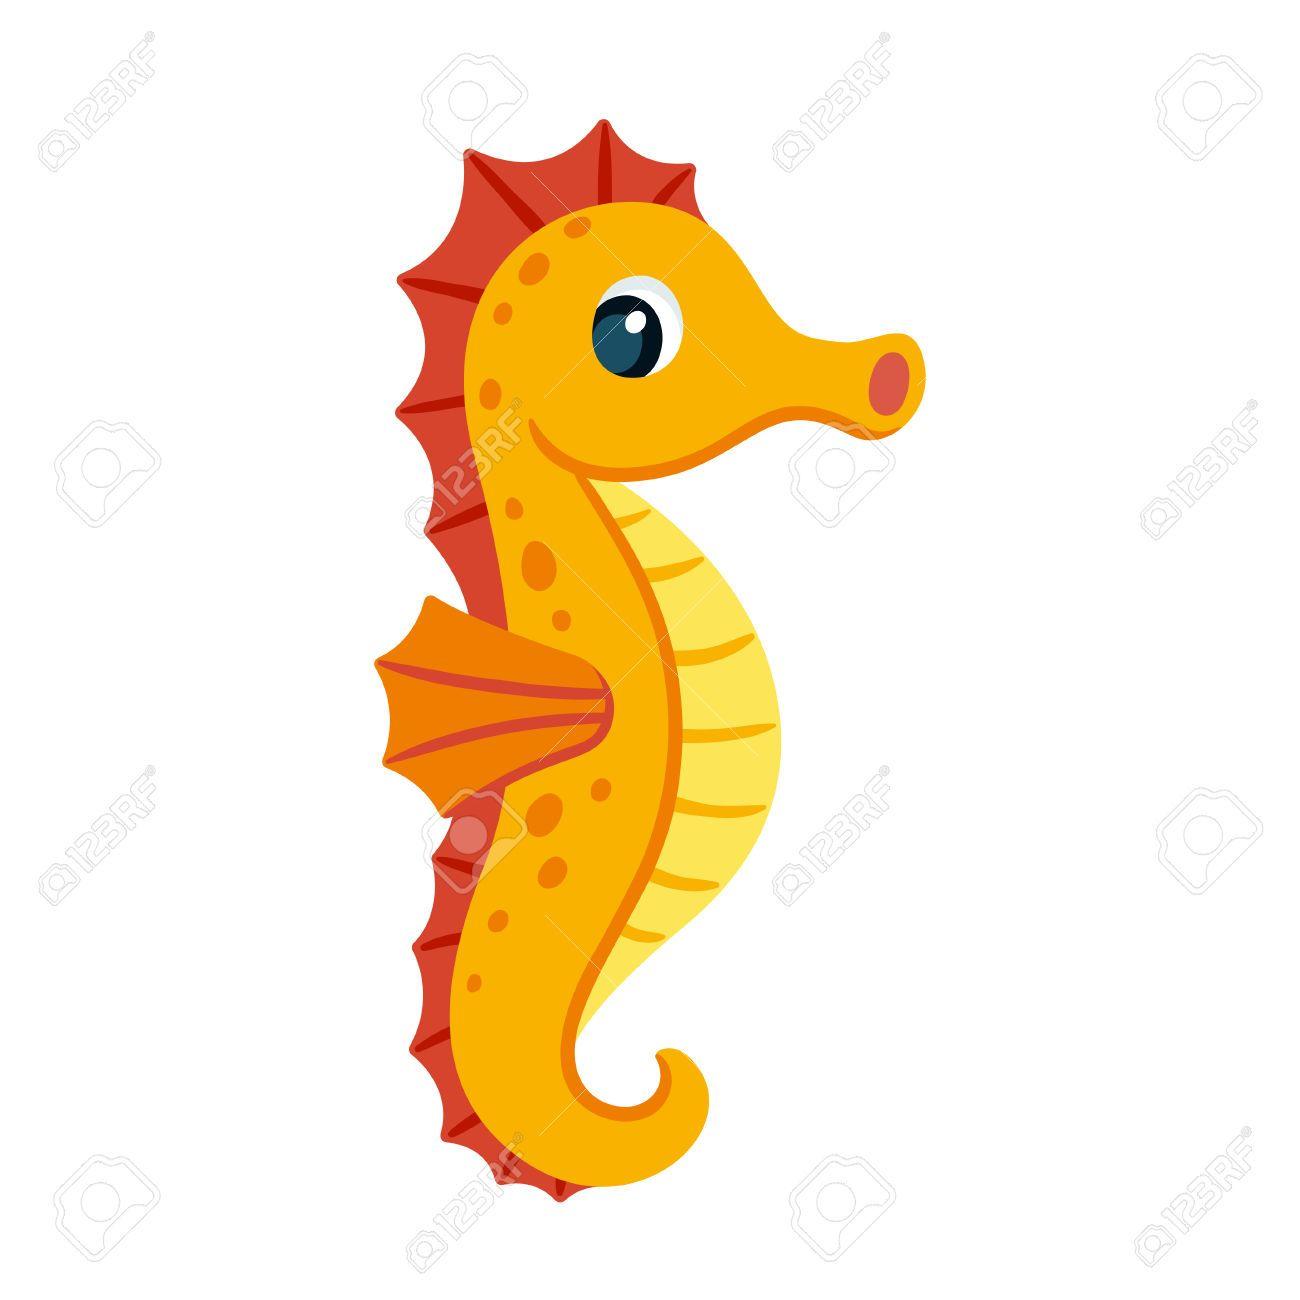 63947741-Dibujo-animado-lindo-caballito-de-mar-de-color-naranja ...